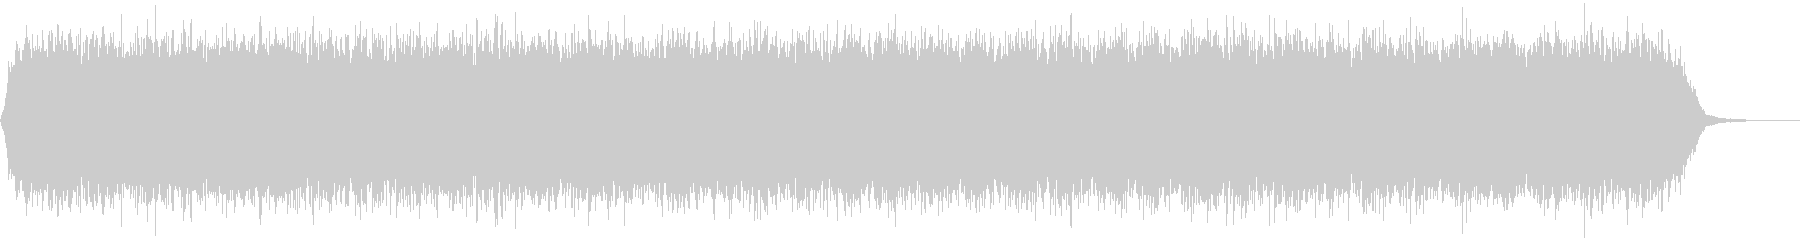 【アンビエント】ドローン_30 実験音の未再生の波形